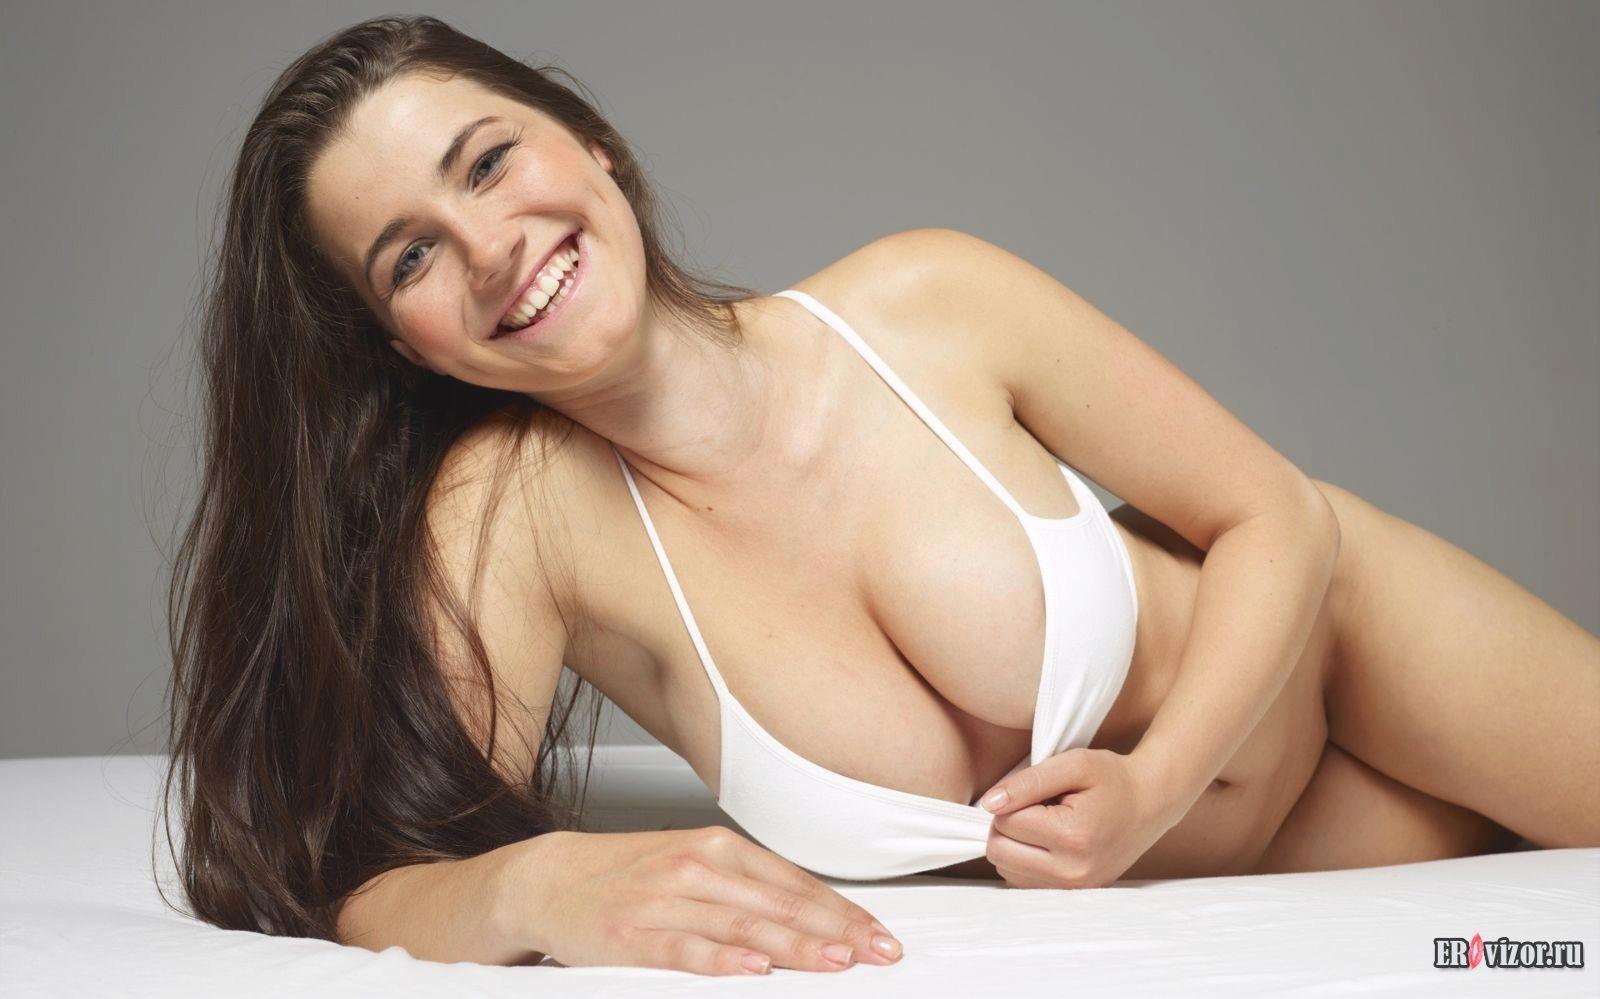 Сторйные девушки с большими круглыми сиськами порно фото 20 фотография